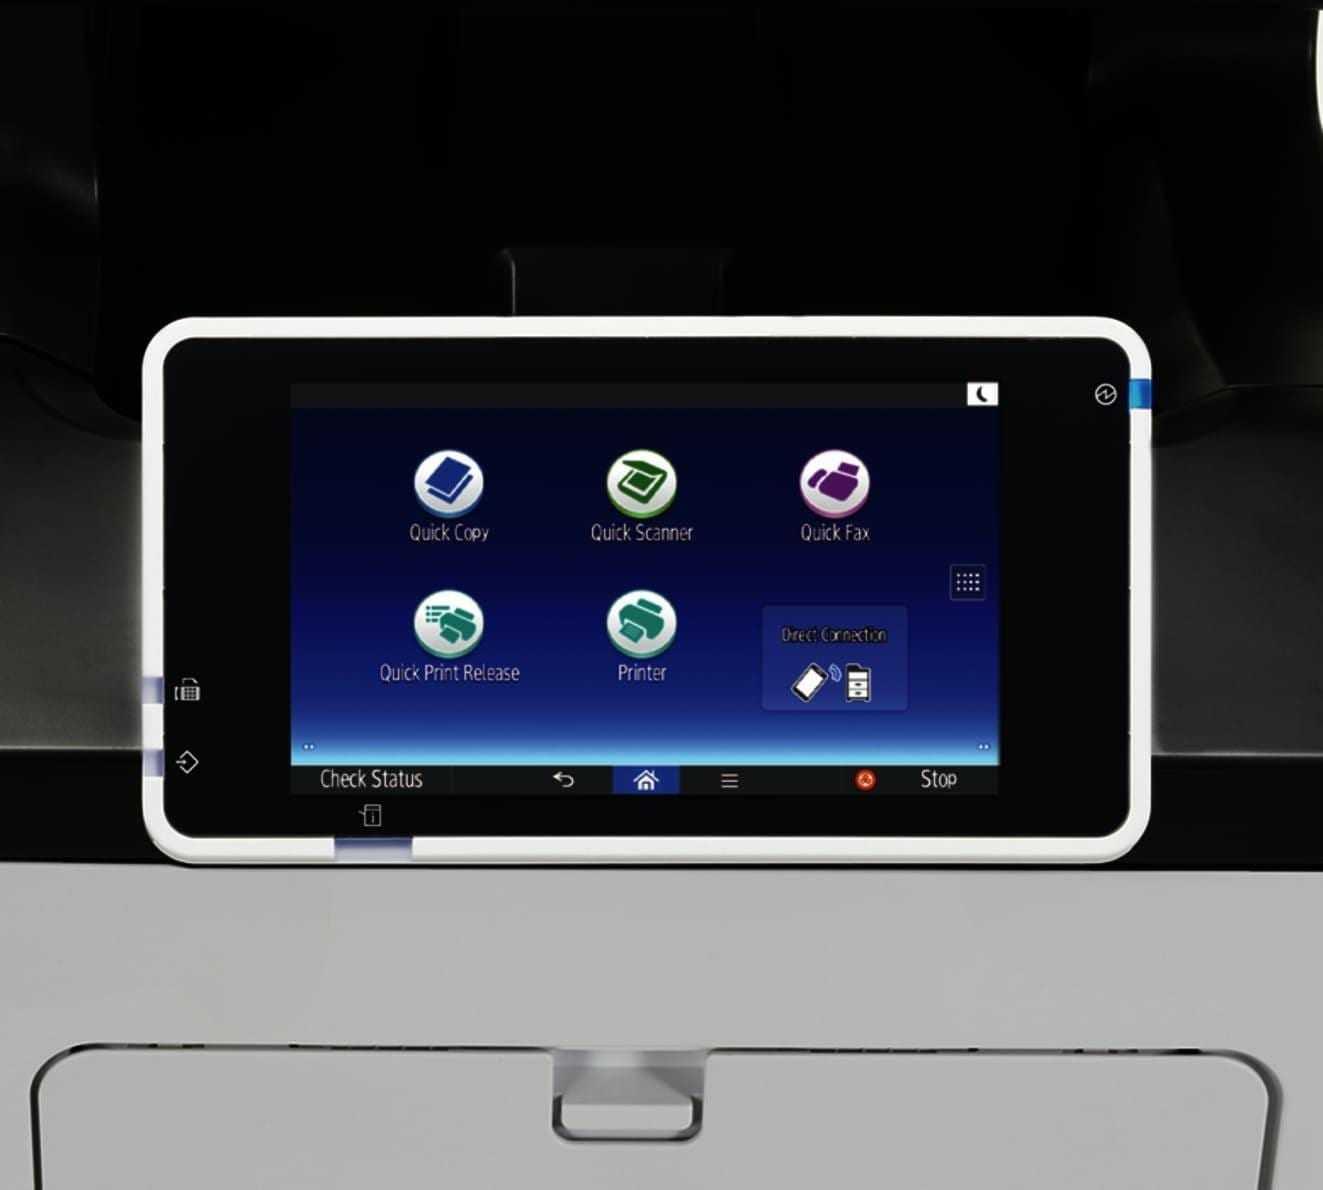 Ricoh выпустила новые быстрые устройства для малых офисов (Sensornaya panel MFU)